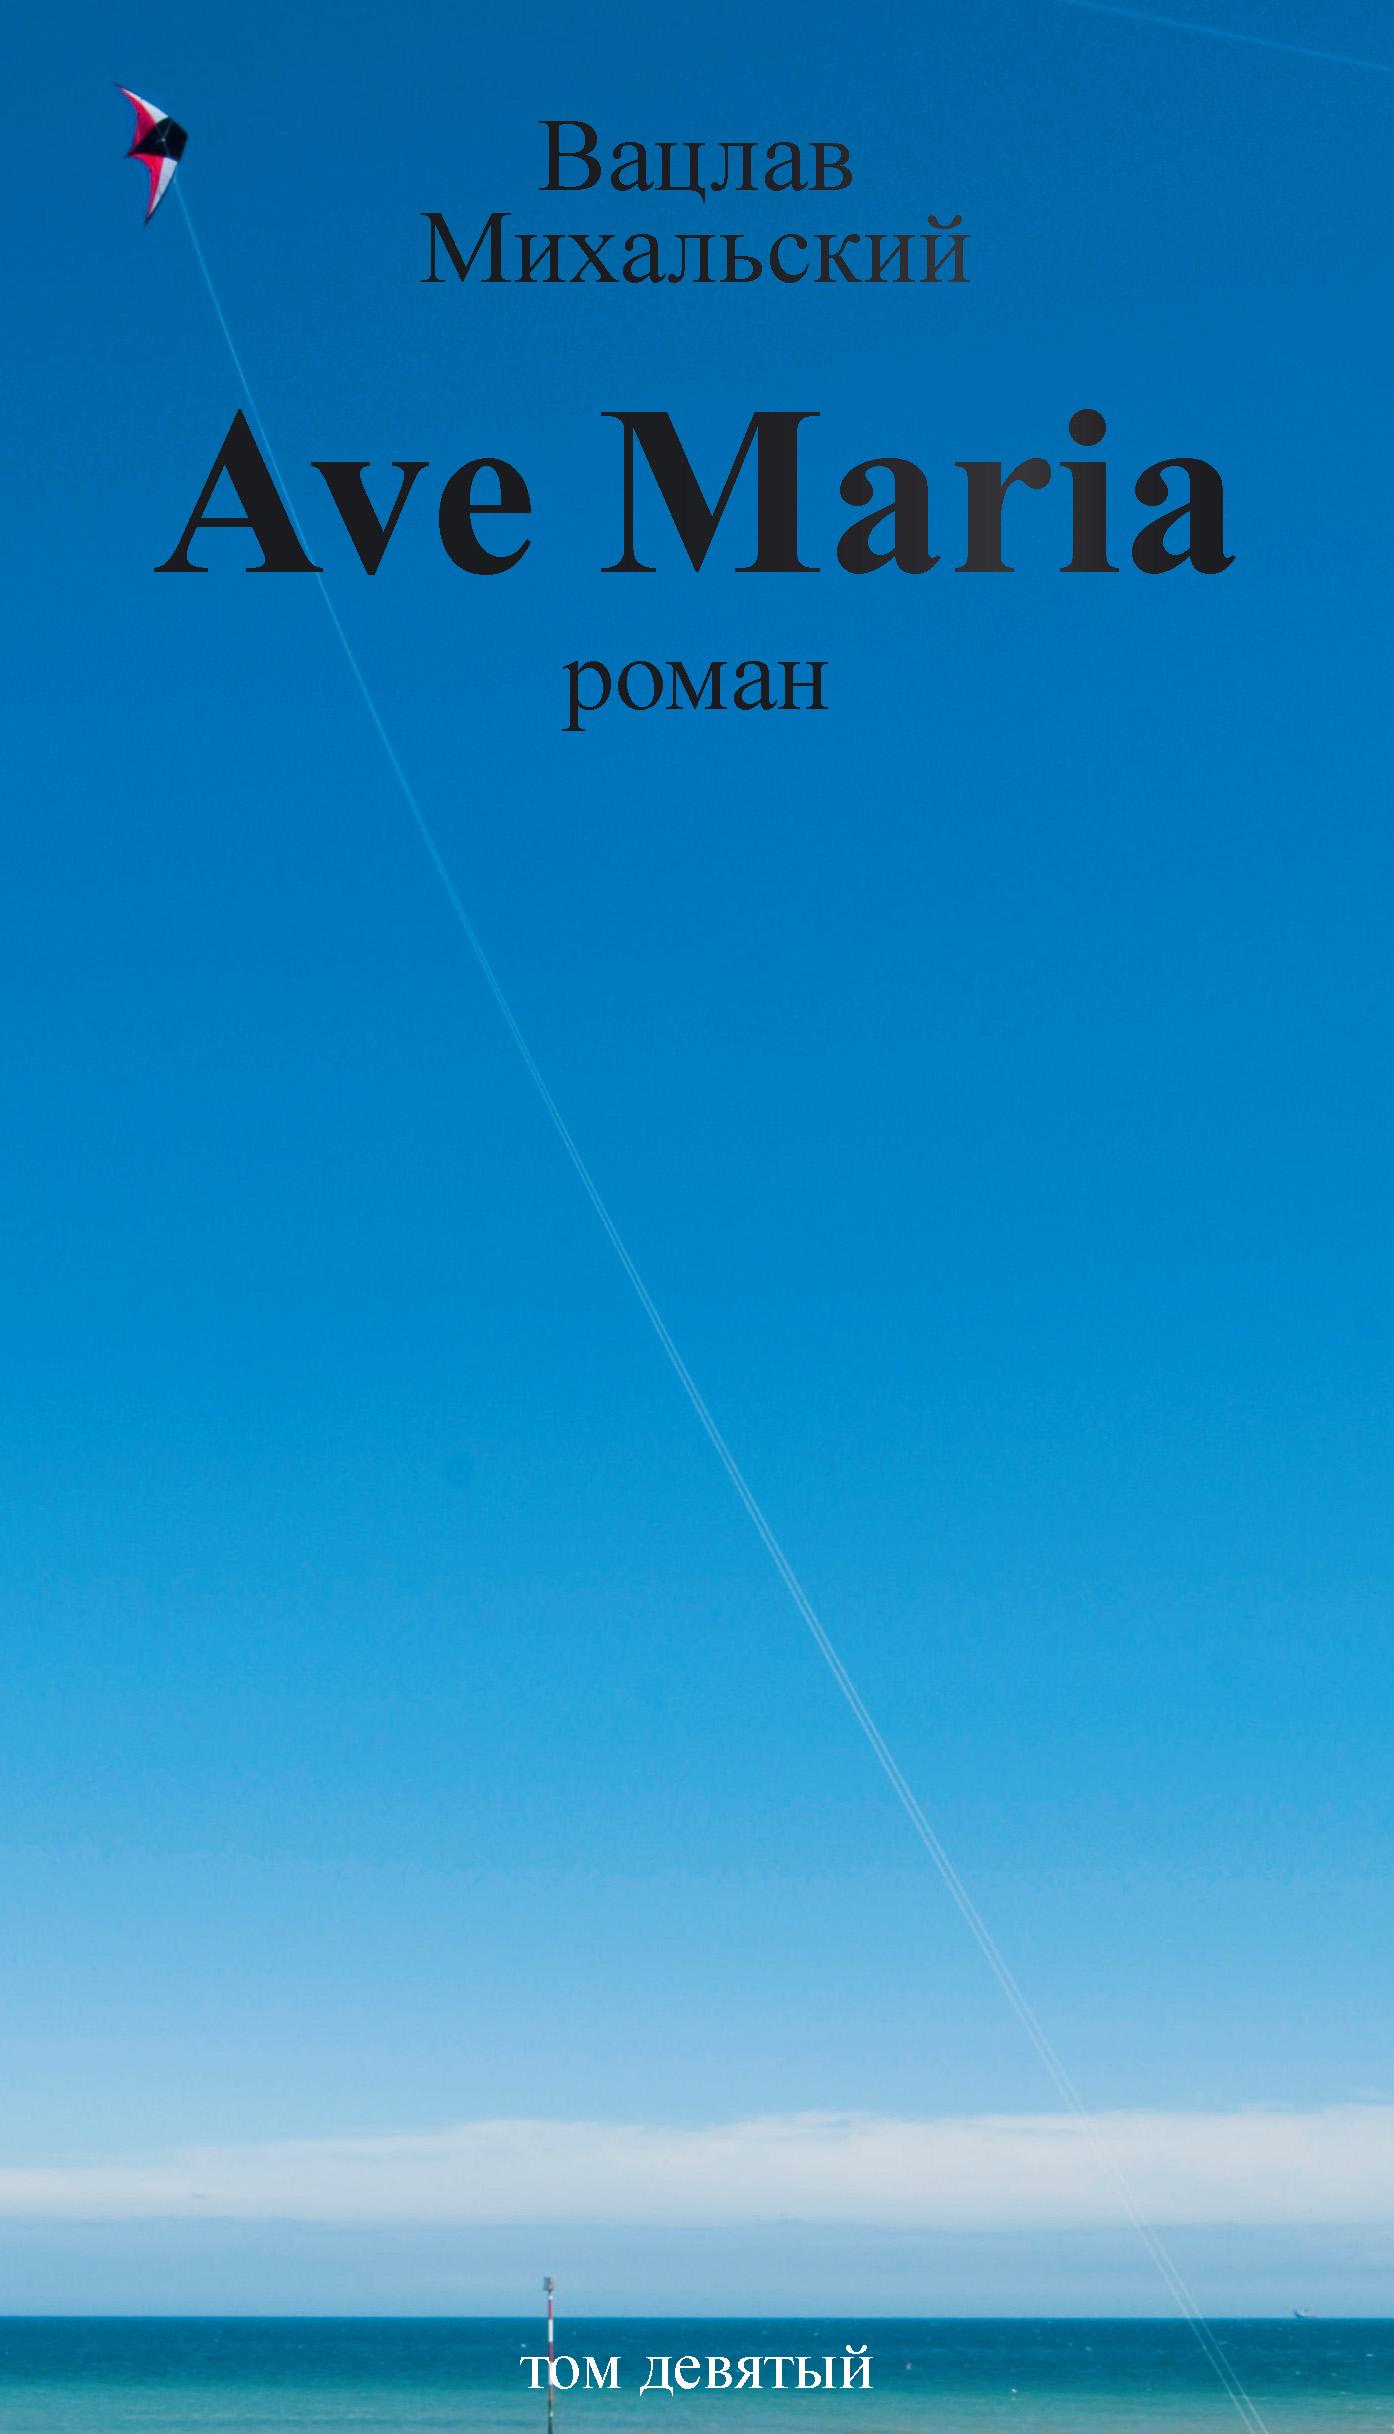 Собрание сочинений в десяти томах. Том девятый. Ave Maria